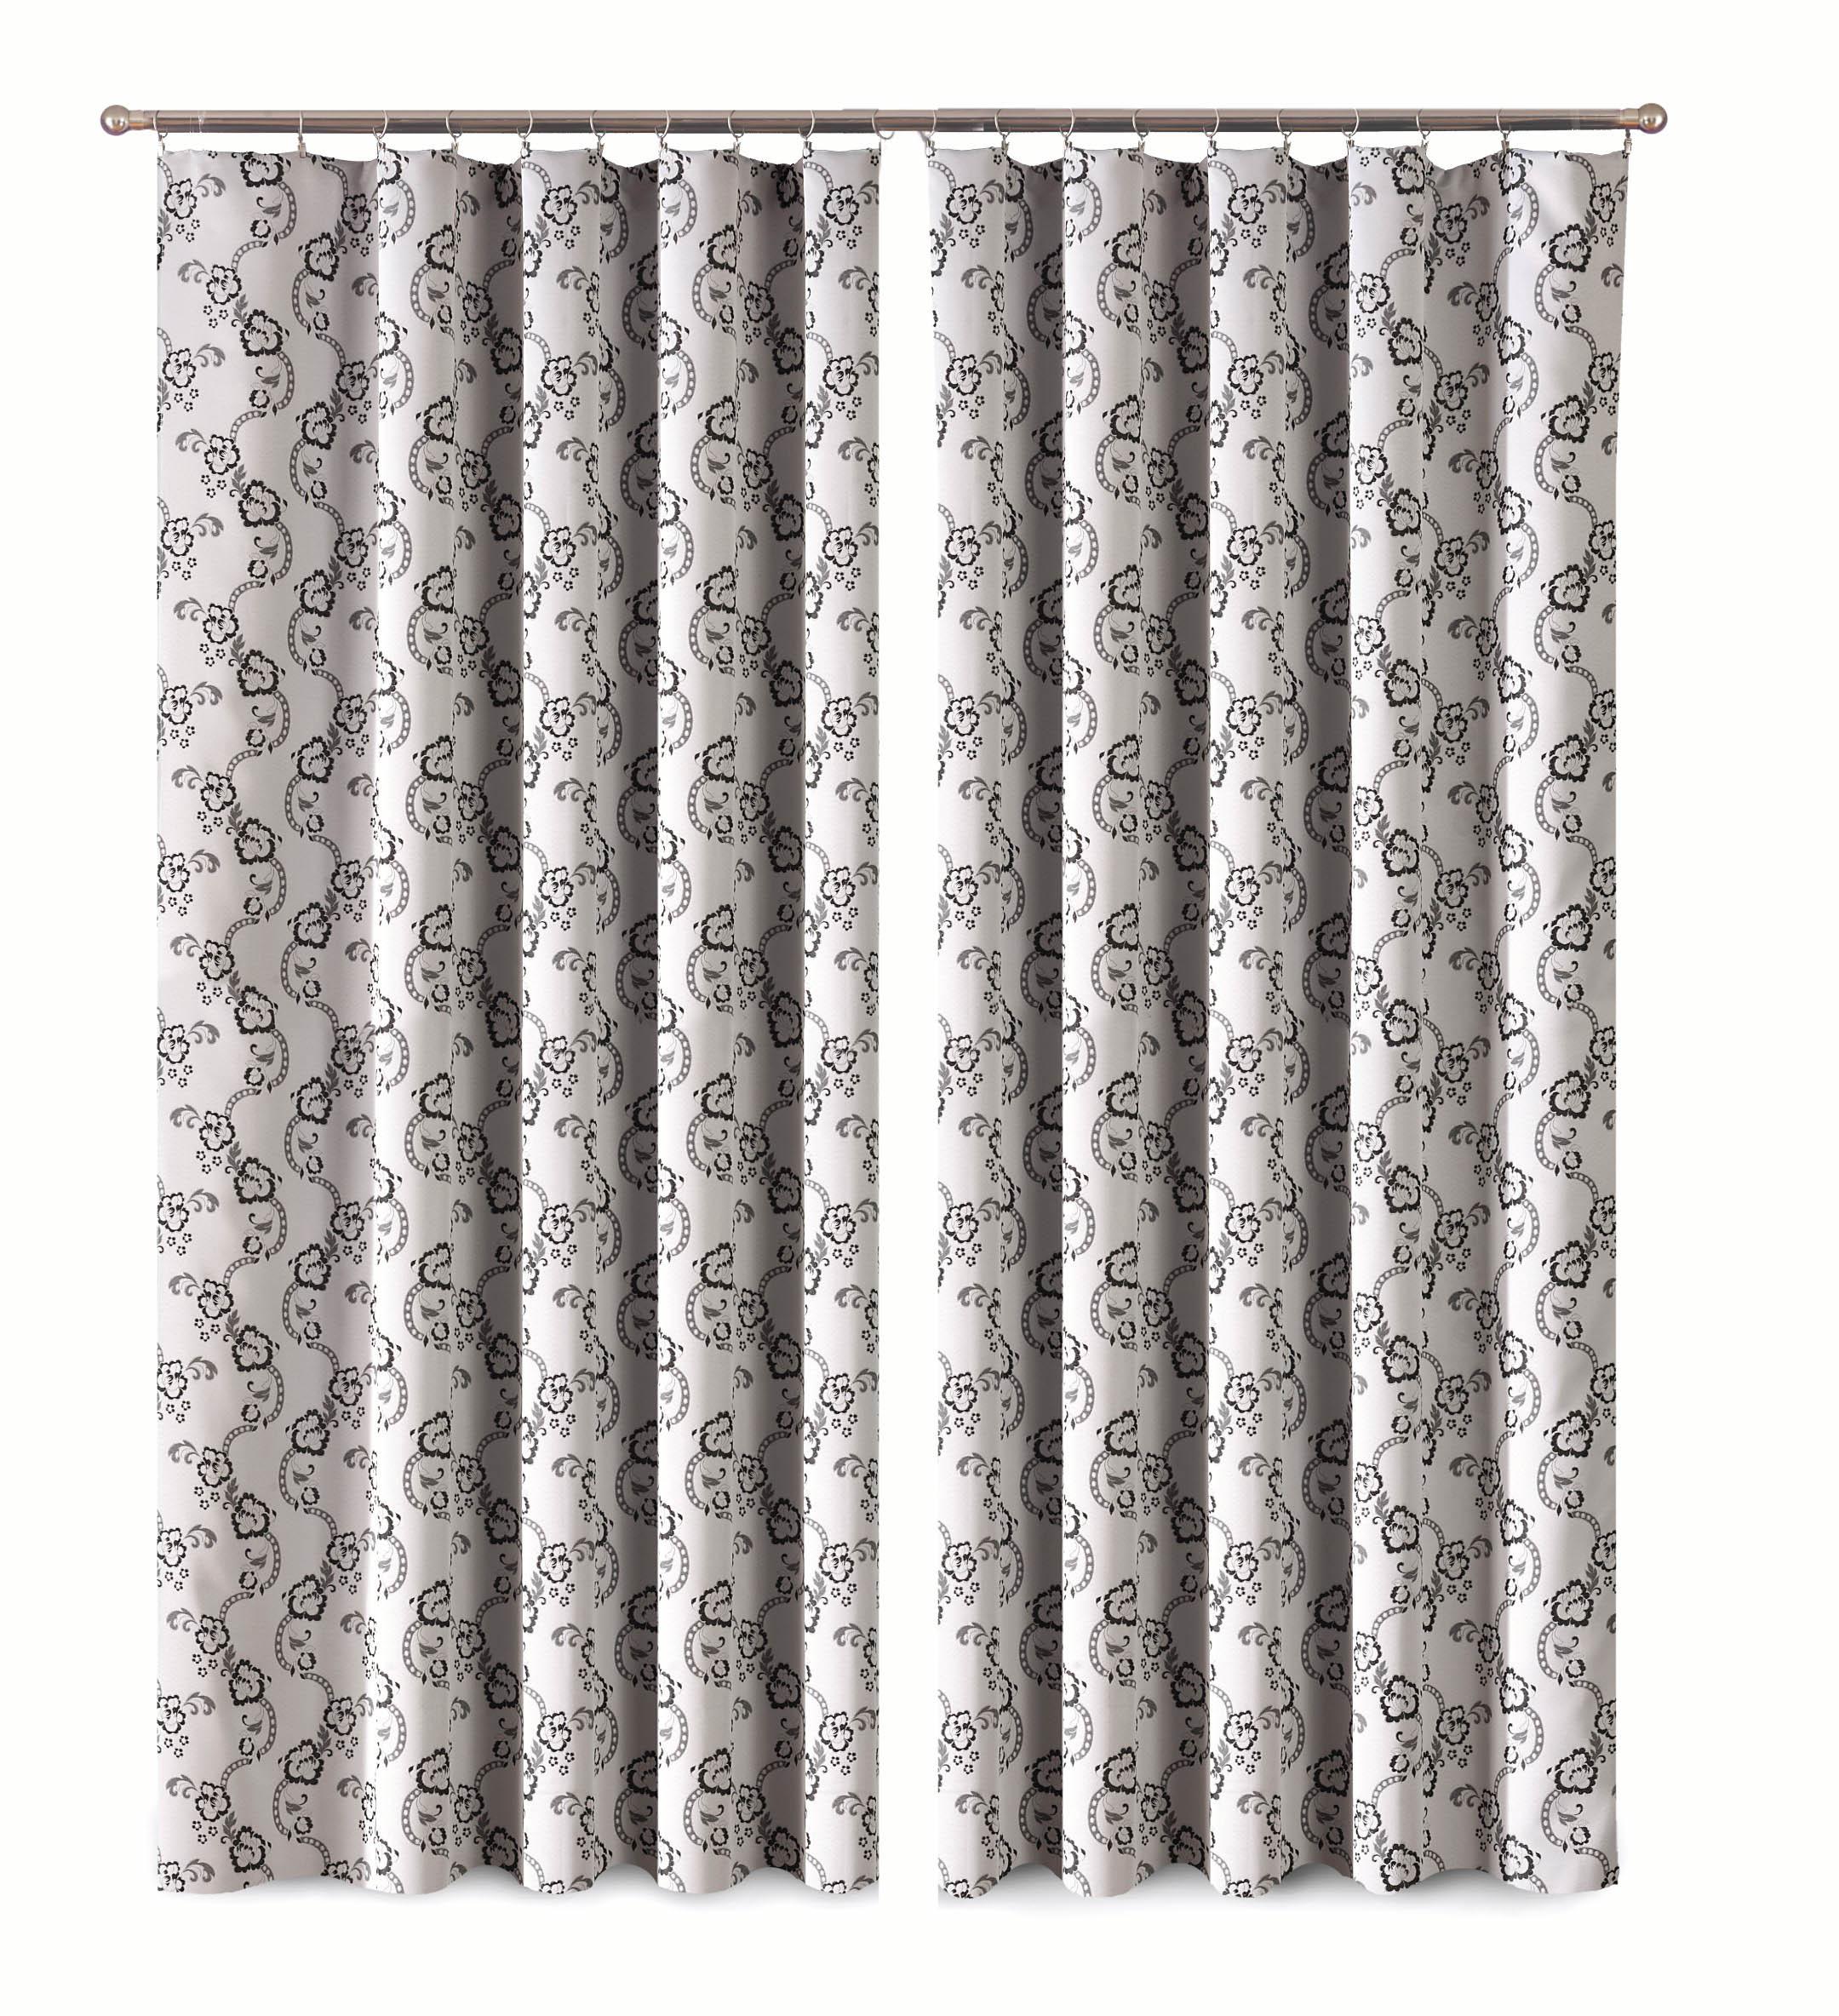 Шторы Primavera Классические шторы Zechariah Цвет: Серый шторы primavera классические шторы caroline цвет сиреневый